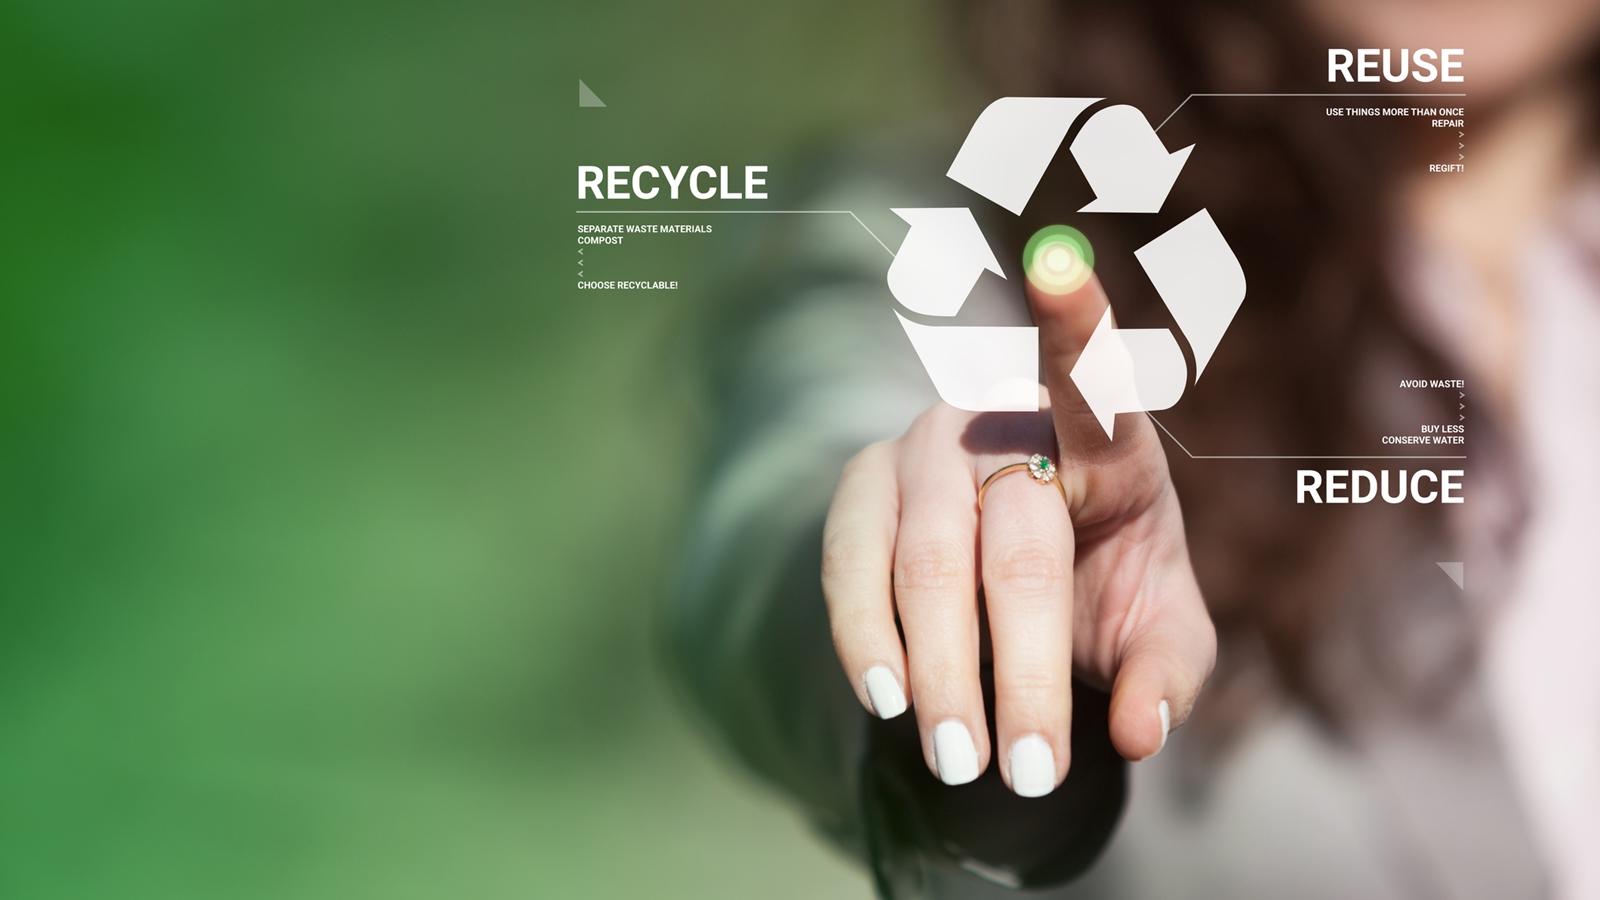 Frau nutzt Recycling-App auf einem virtuellen Bildschirm